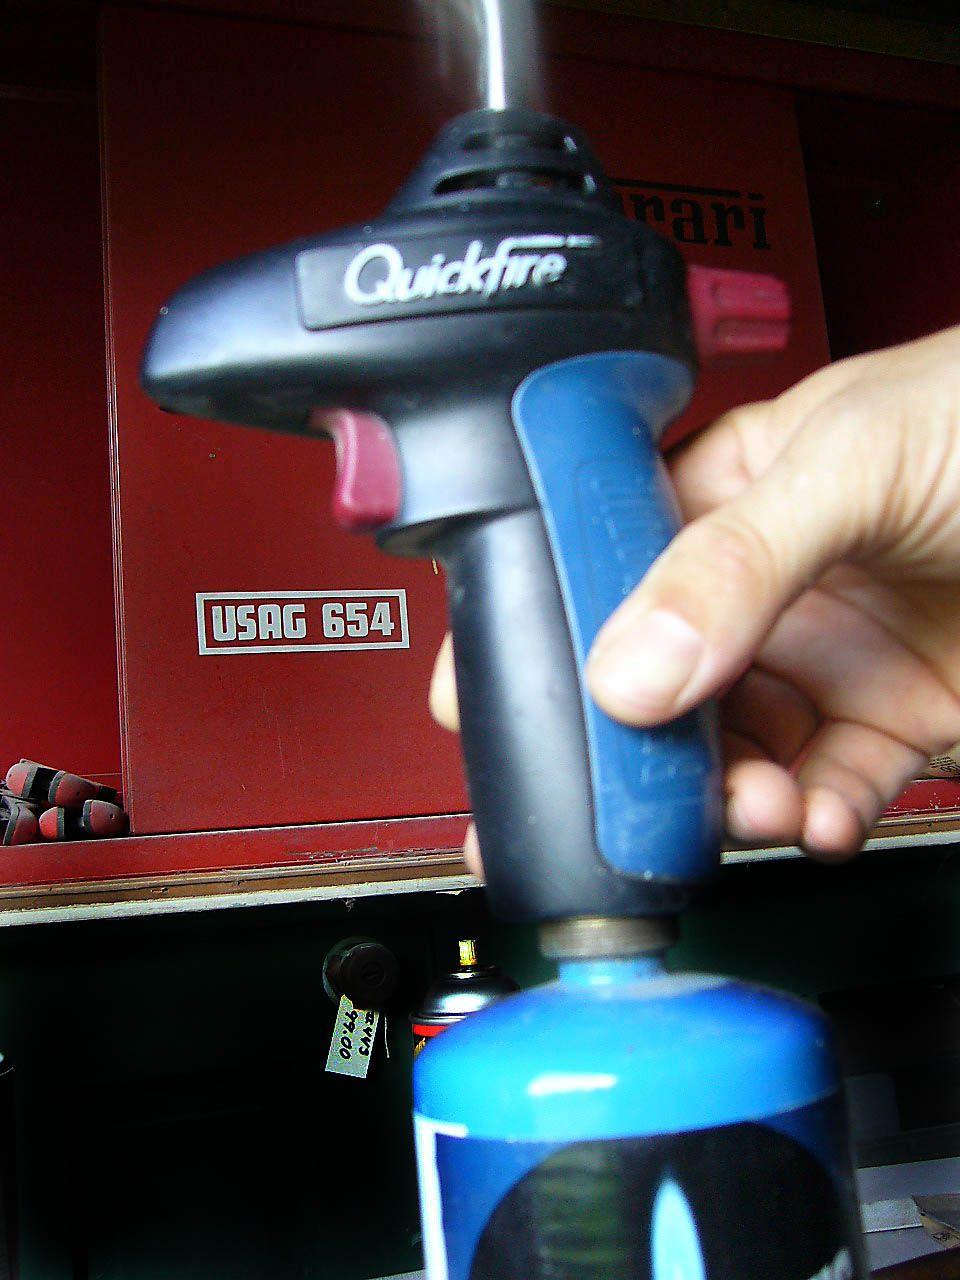 Screw nozzle onto tank.